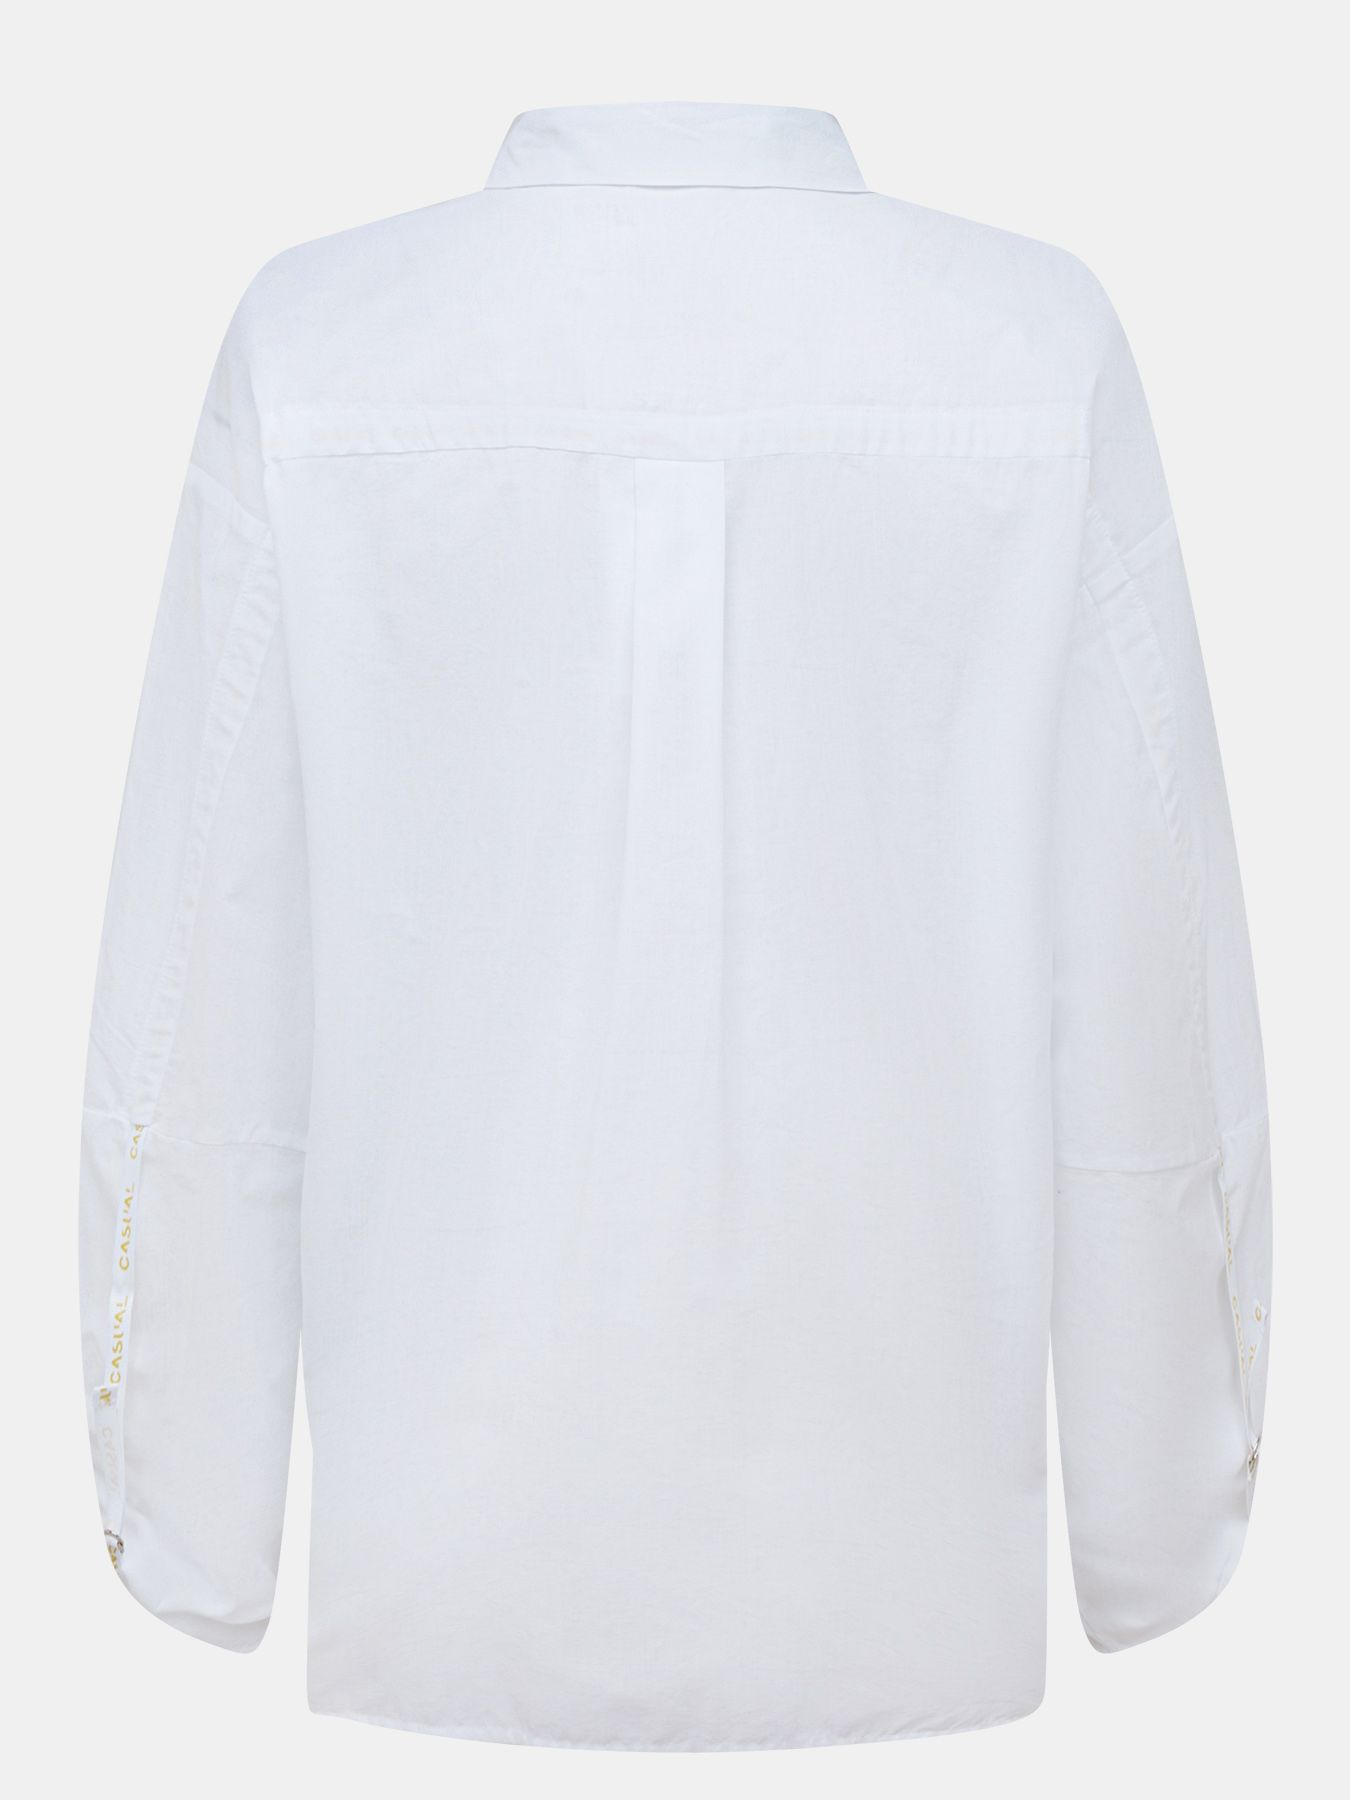 Блузка Gerry Weber Casual Рубашка